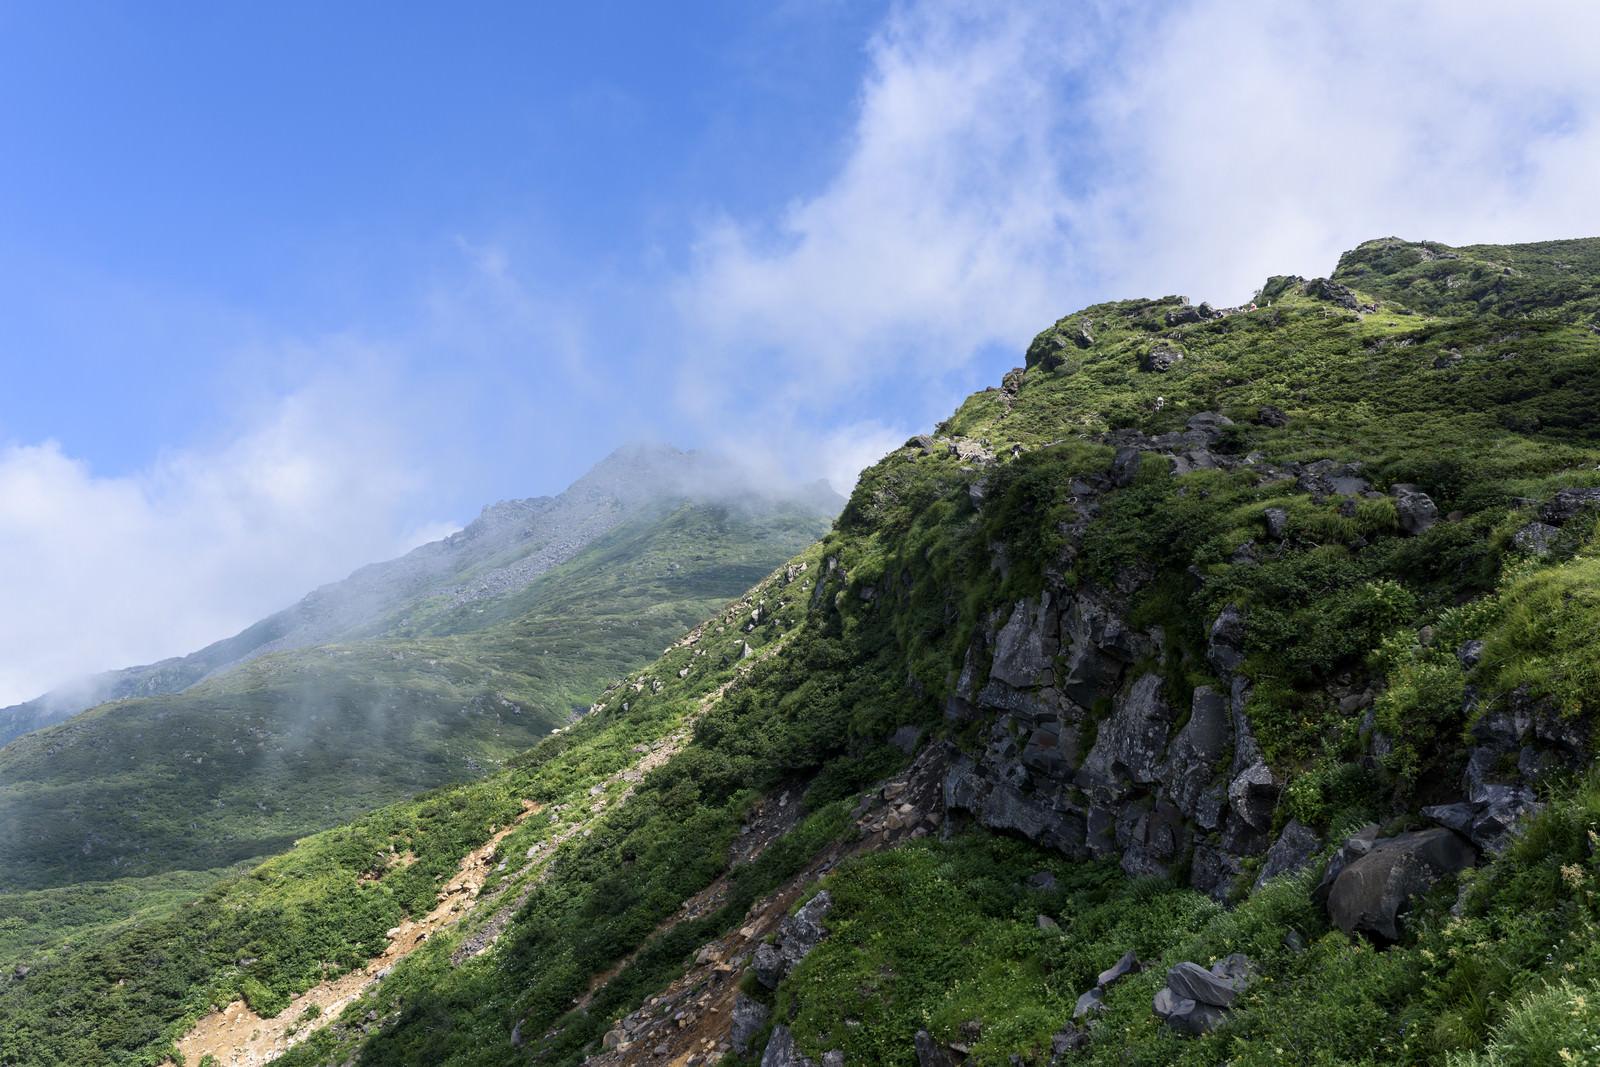 「雲に包まれた鳥海山山頂」の写真